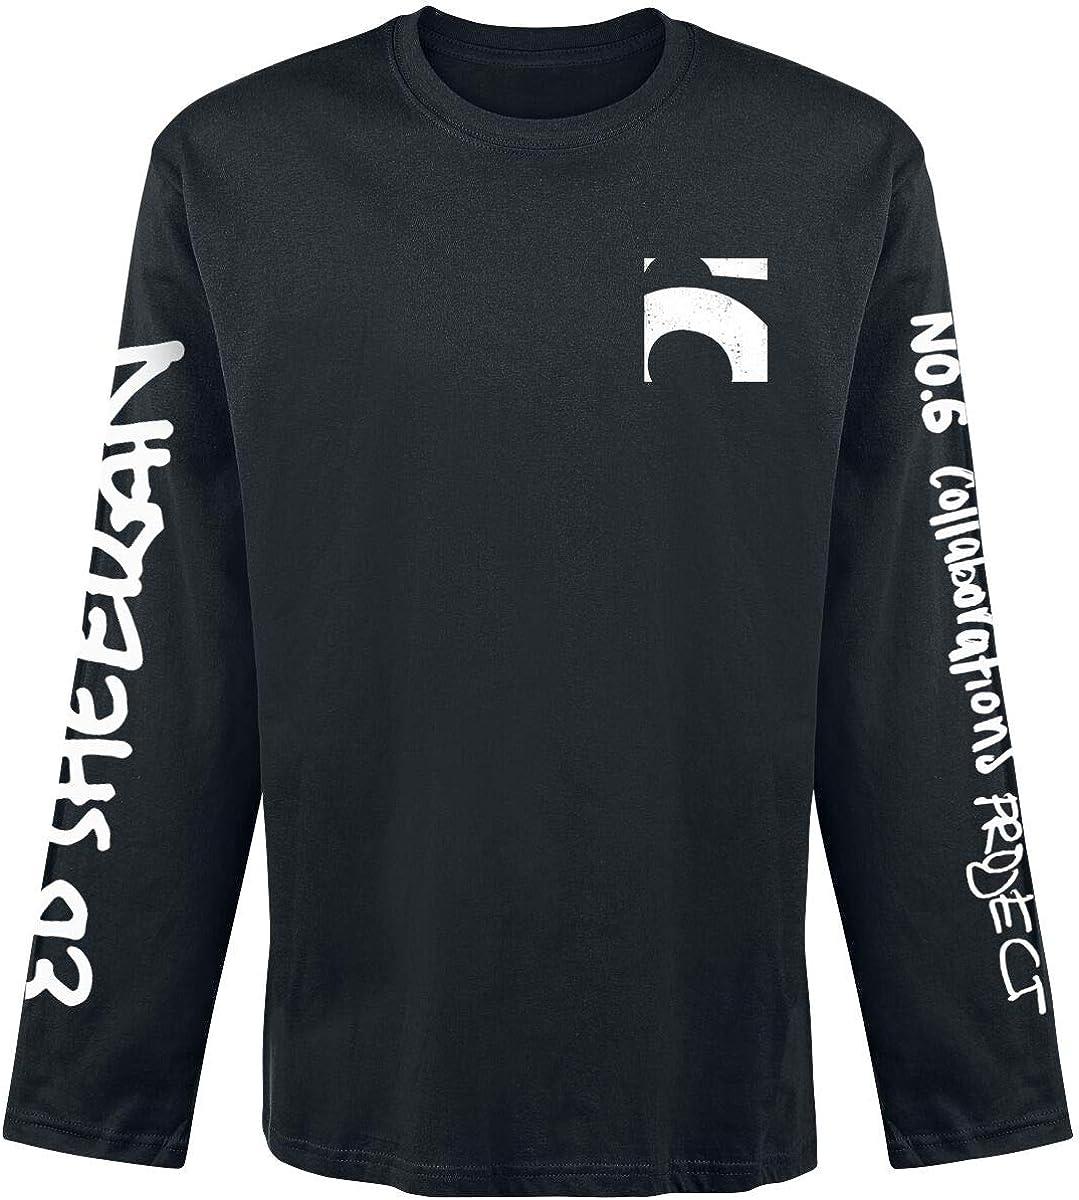 Ed Sheeran 6 Pocket Hombre Camiseta Manga Larga Negro, Regular: Amazon.es: Ropa y accesorios